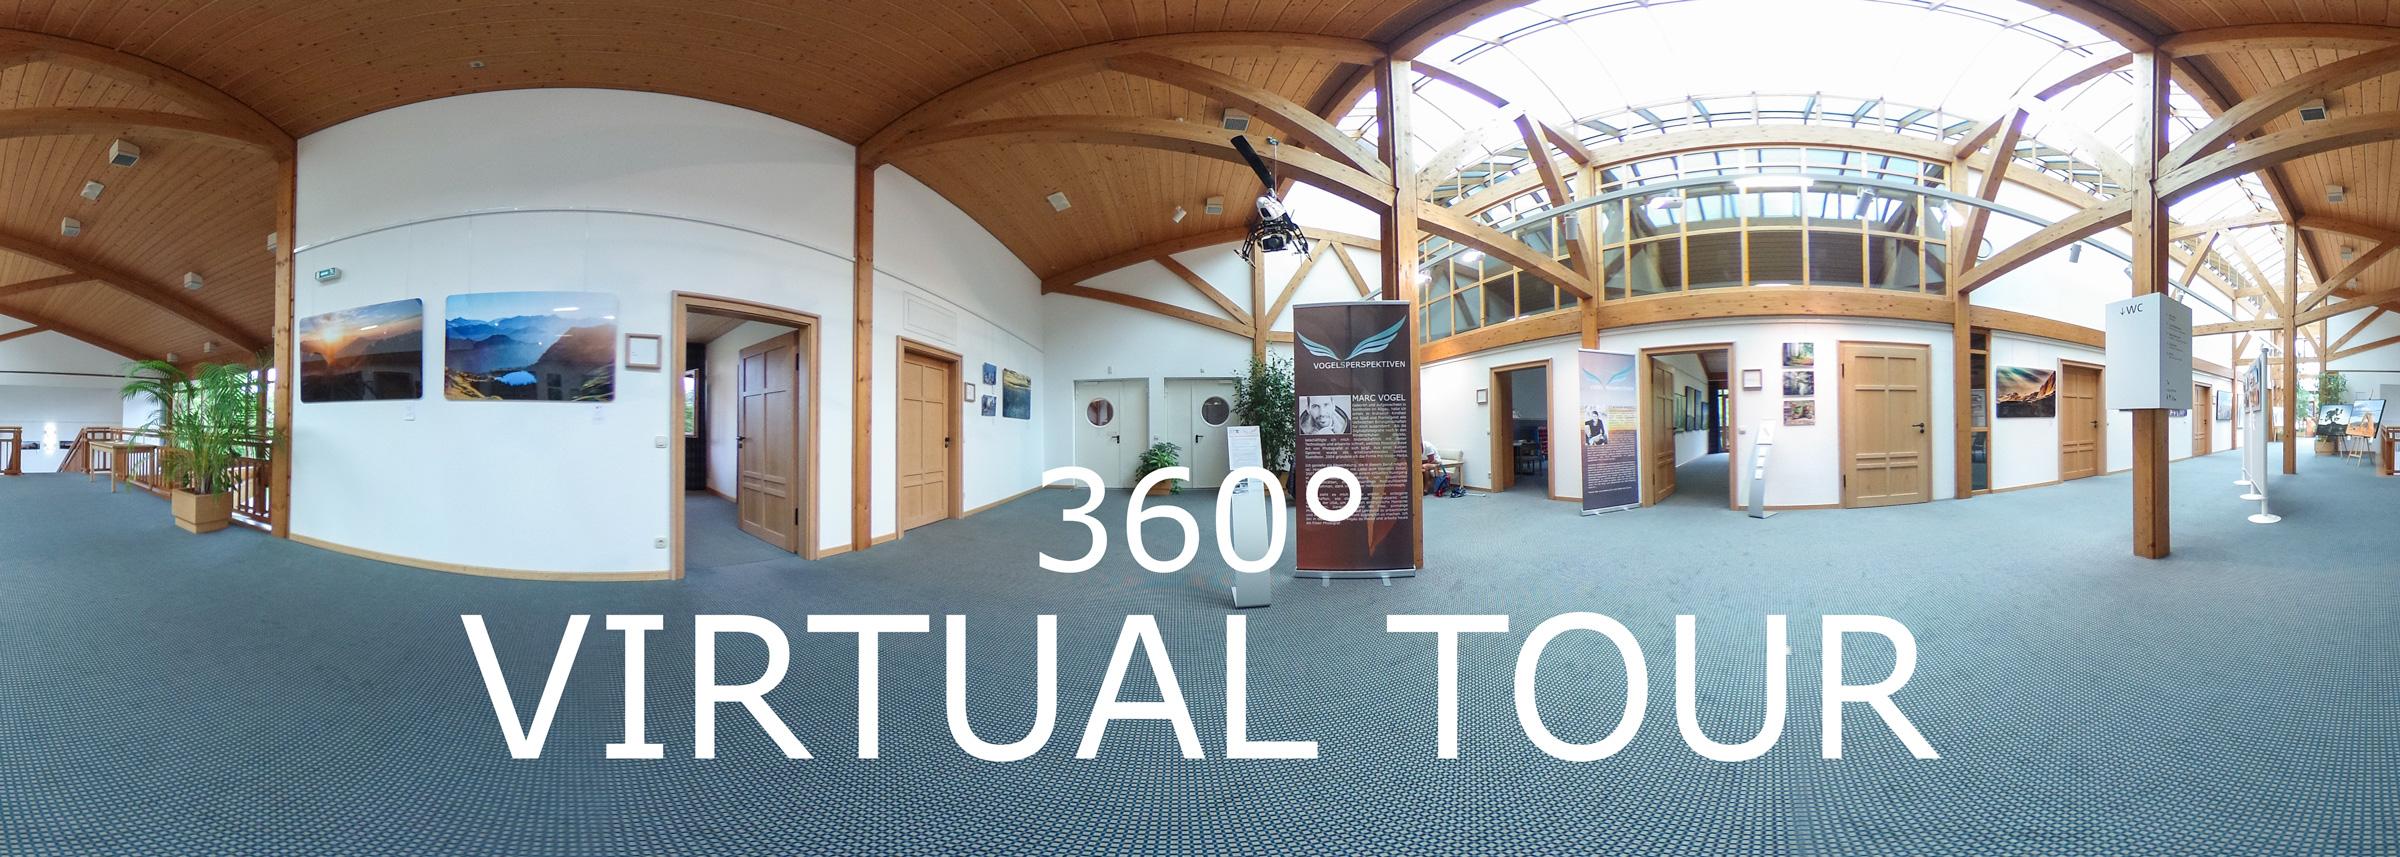 360° Virtuelle Tour durch die Ausstellung - Vogelsperspektiven 2016 - Kurhaus Fiskina in Fischen